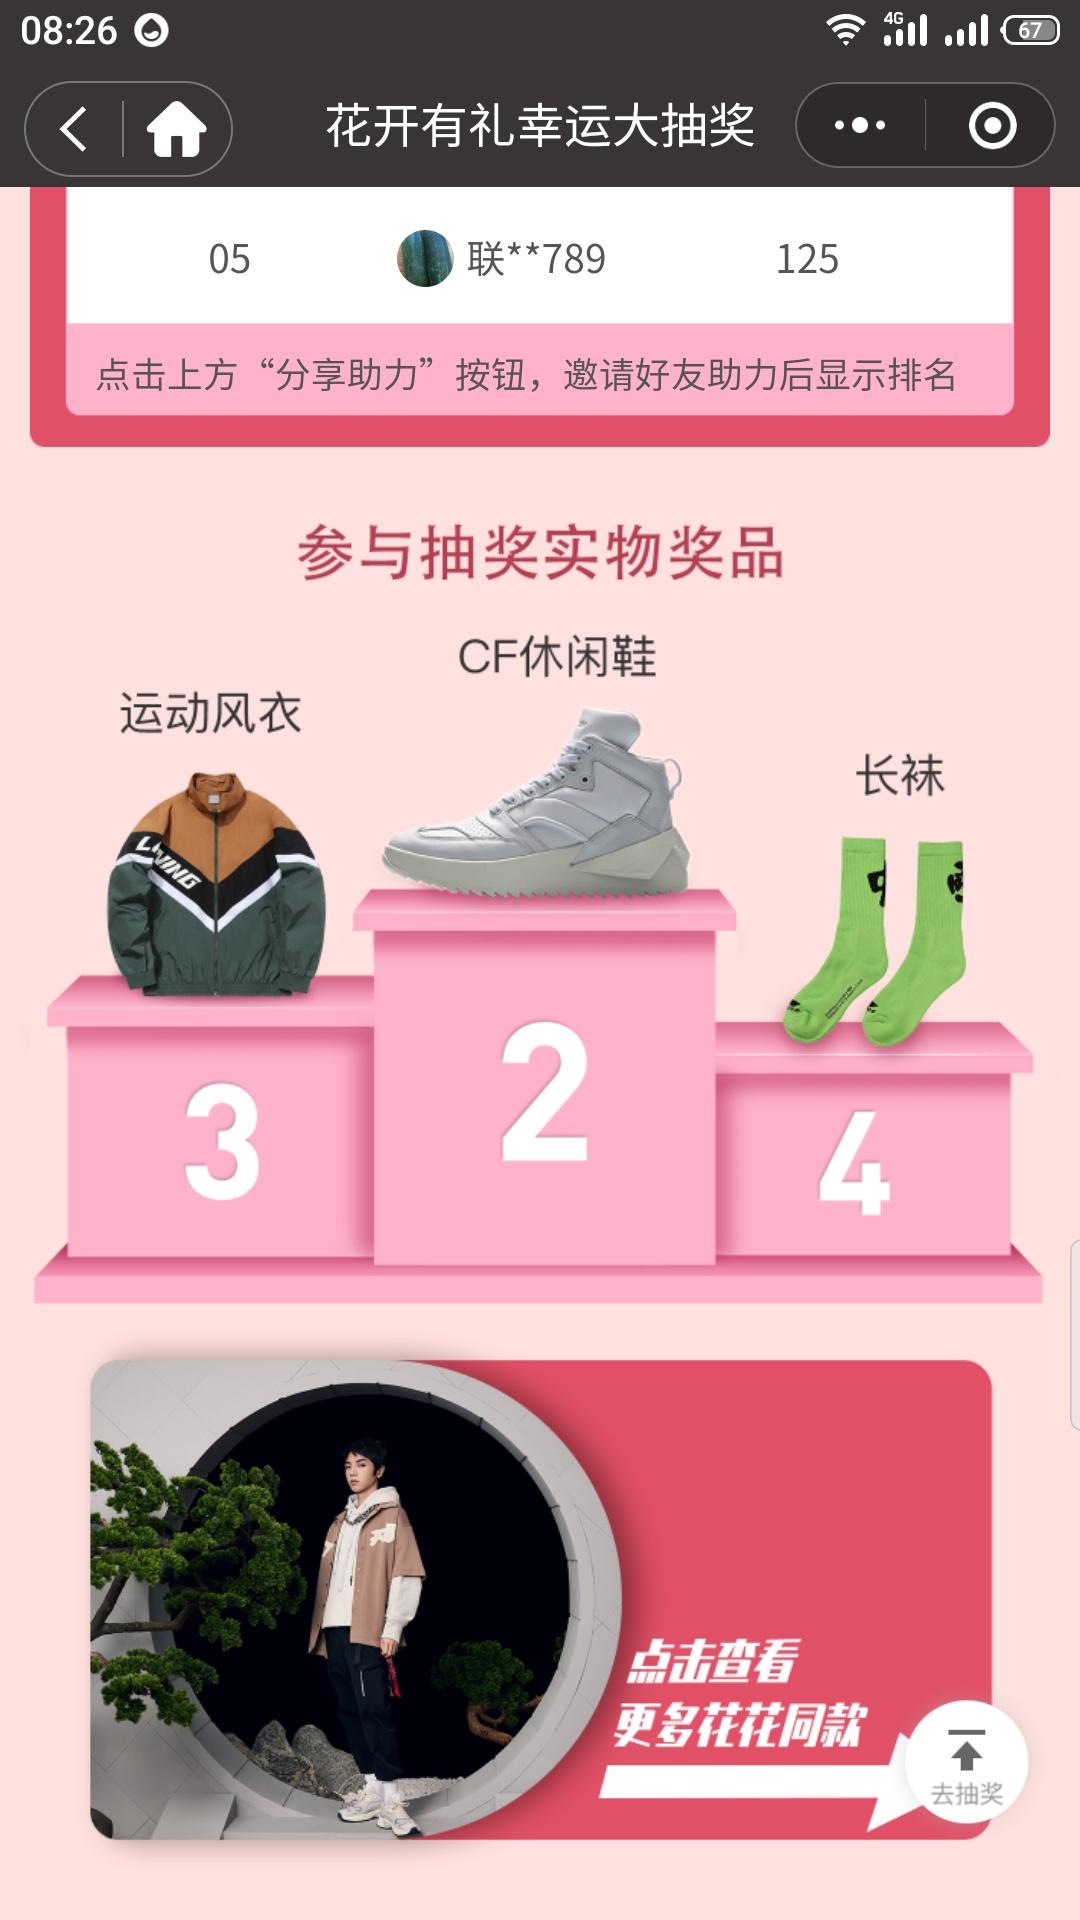 李宁官方旗舰店小程序概率抽实物插图3